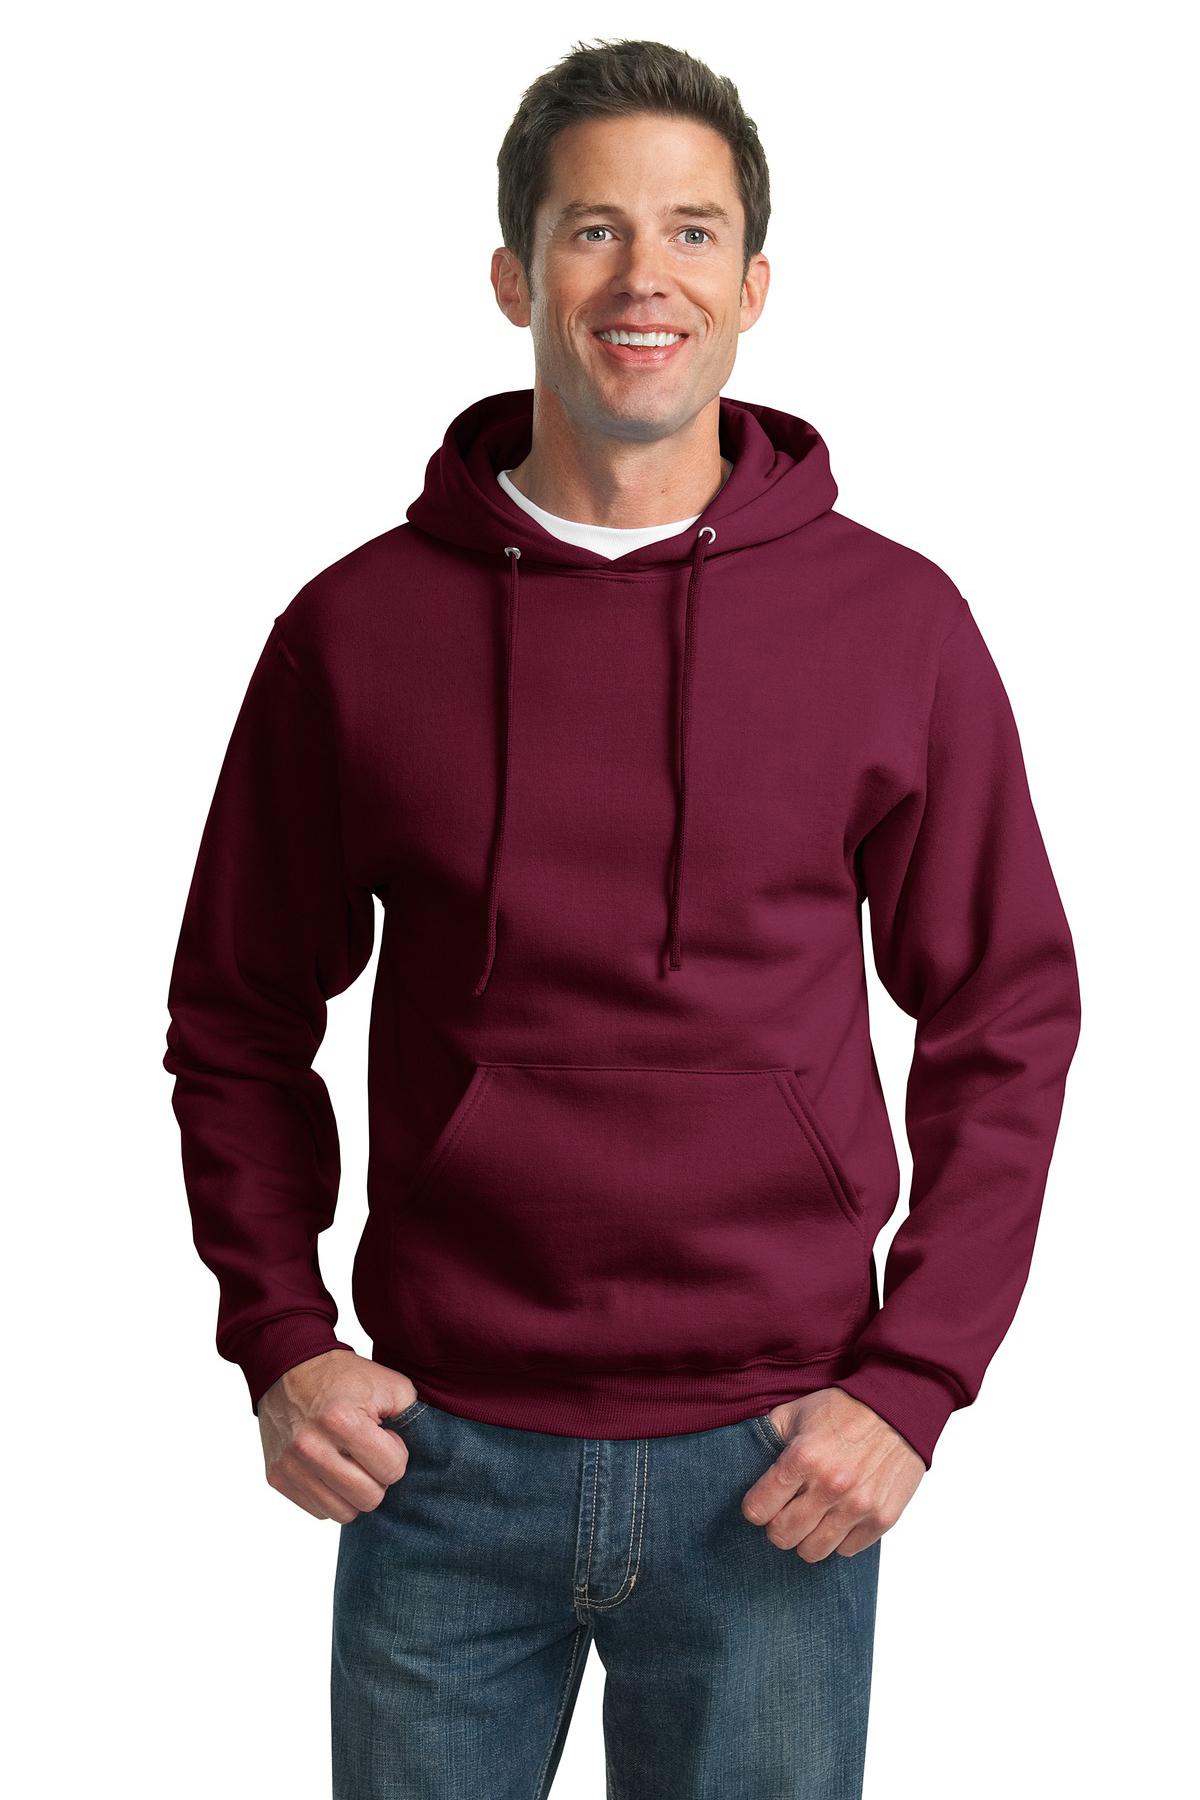 Sweatshirts-Fleece-Hooded-3